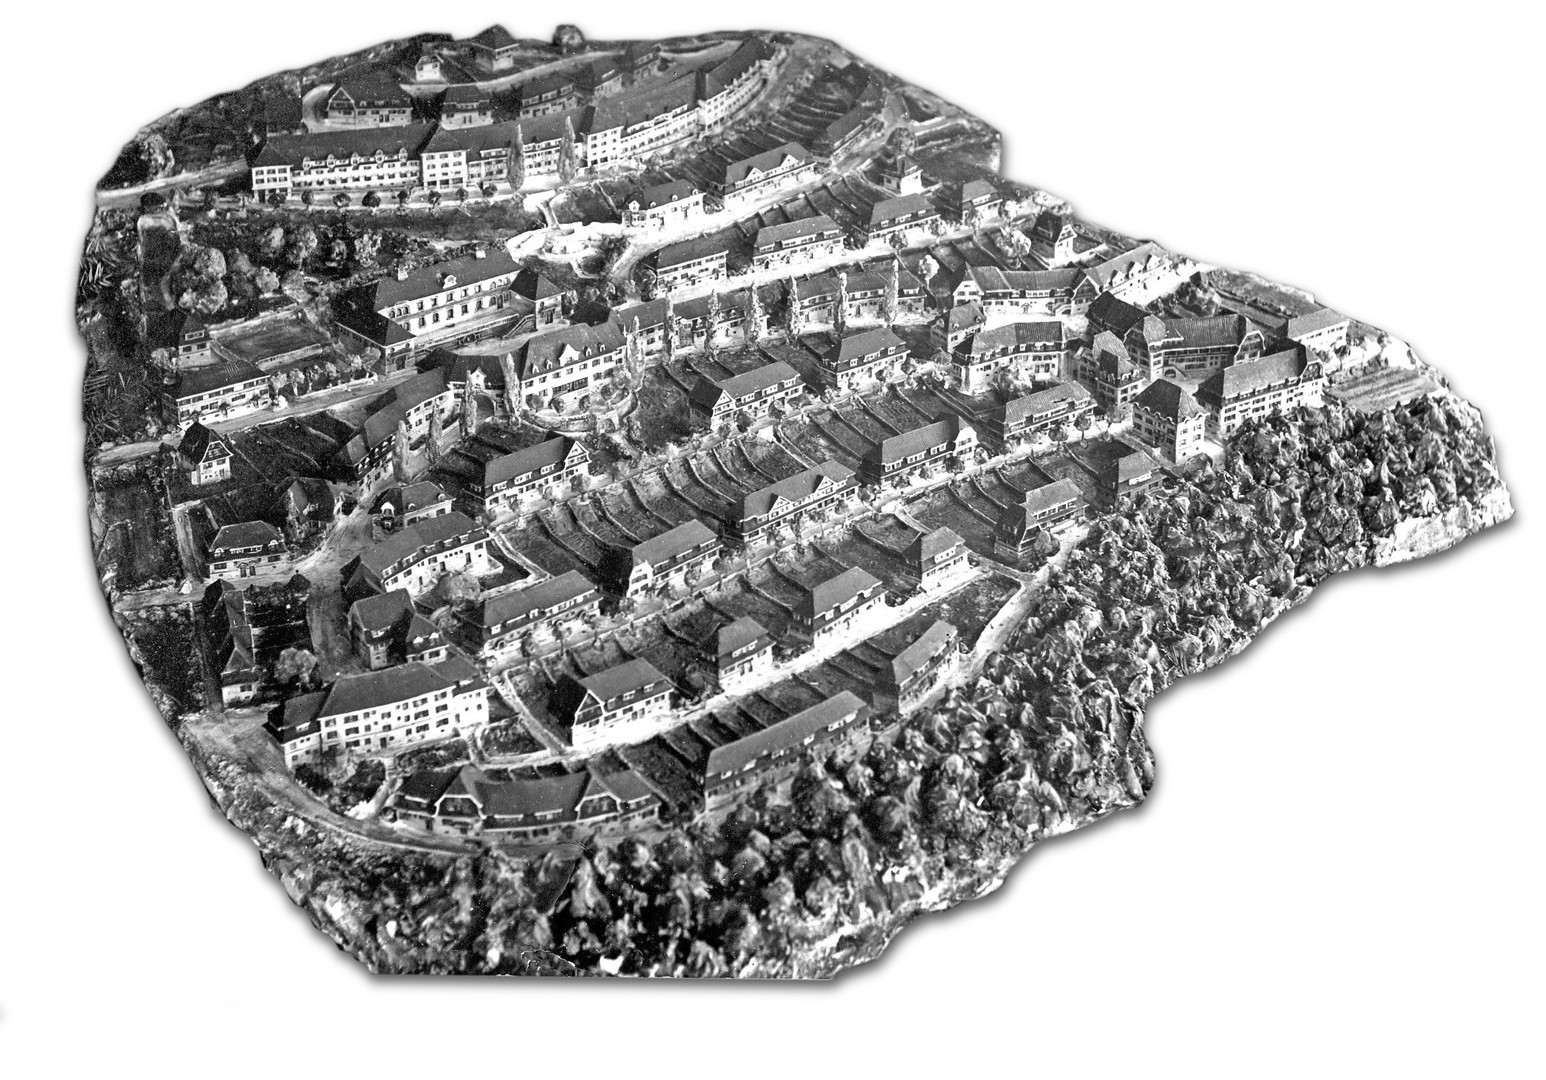 2009-02-07. Foto Archiv EBG St.Gallen. 2